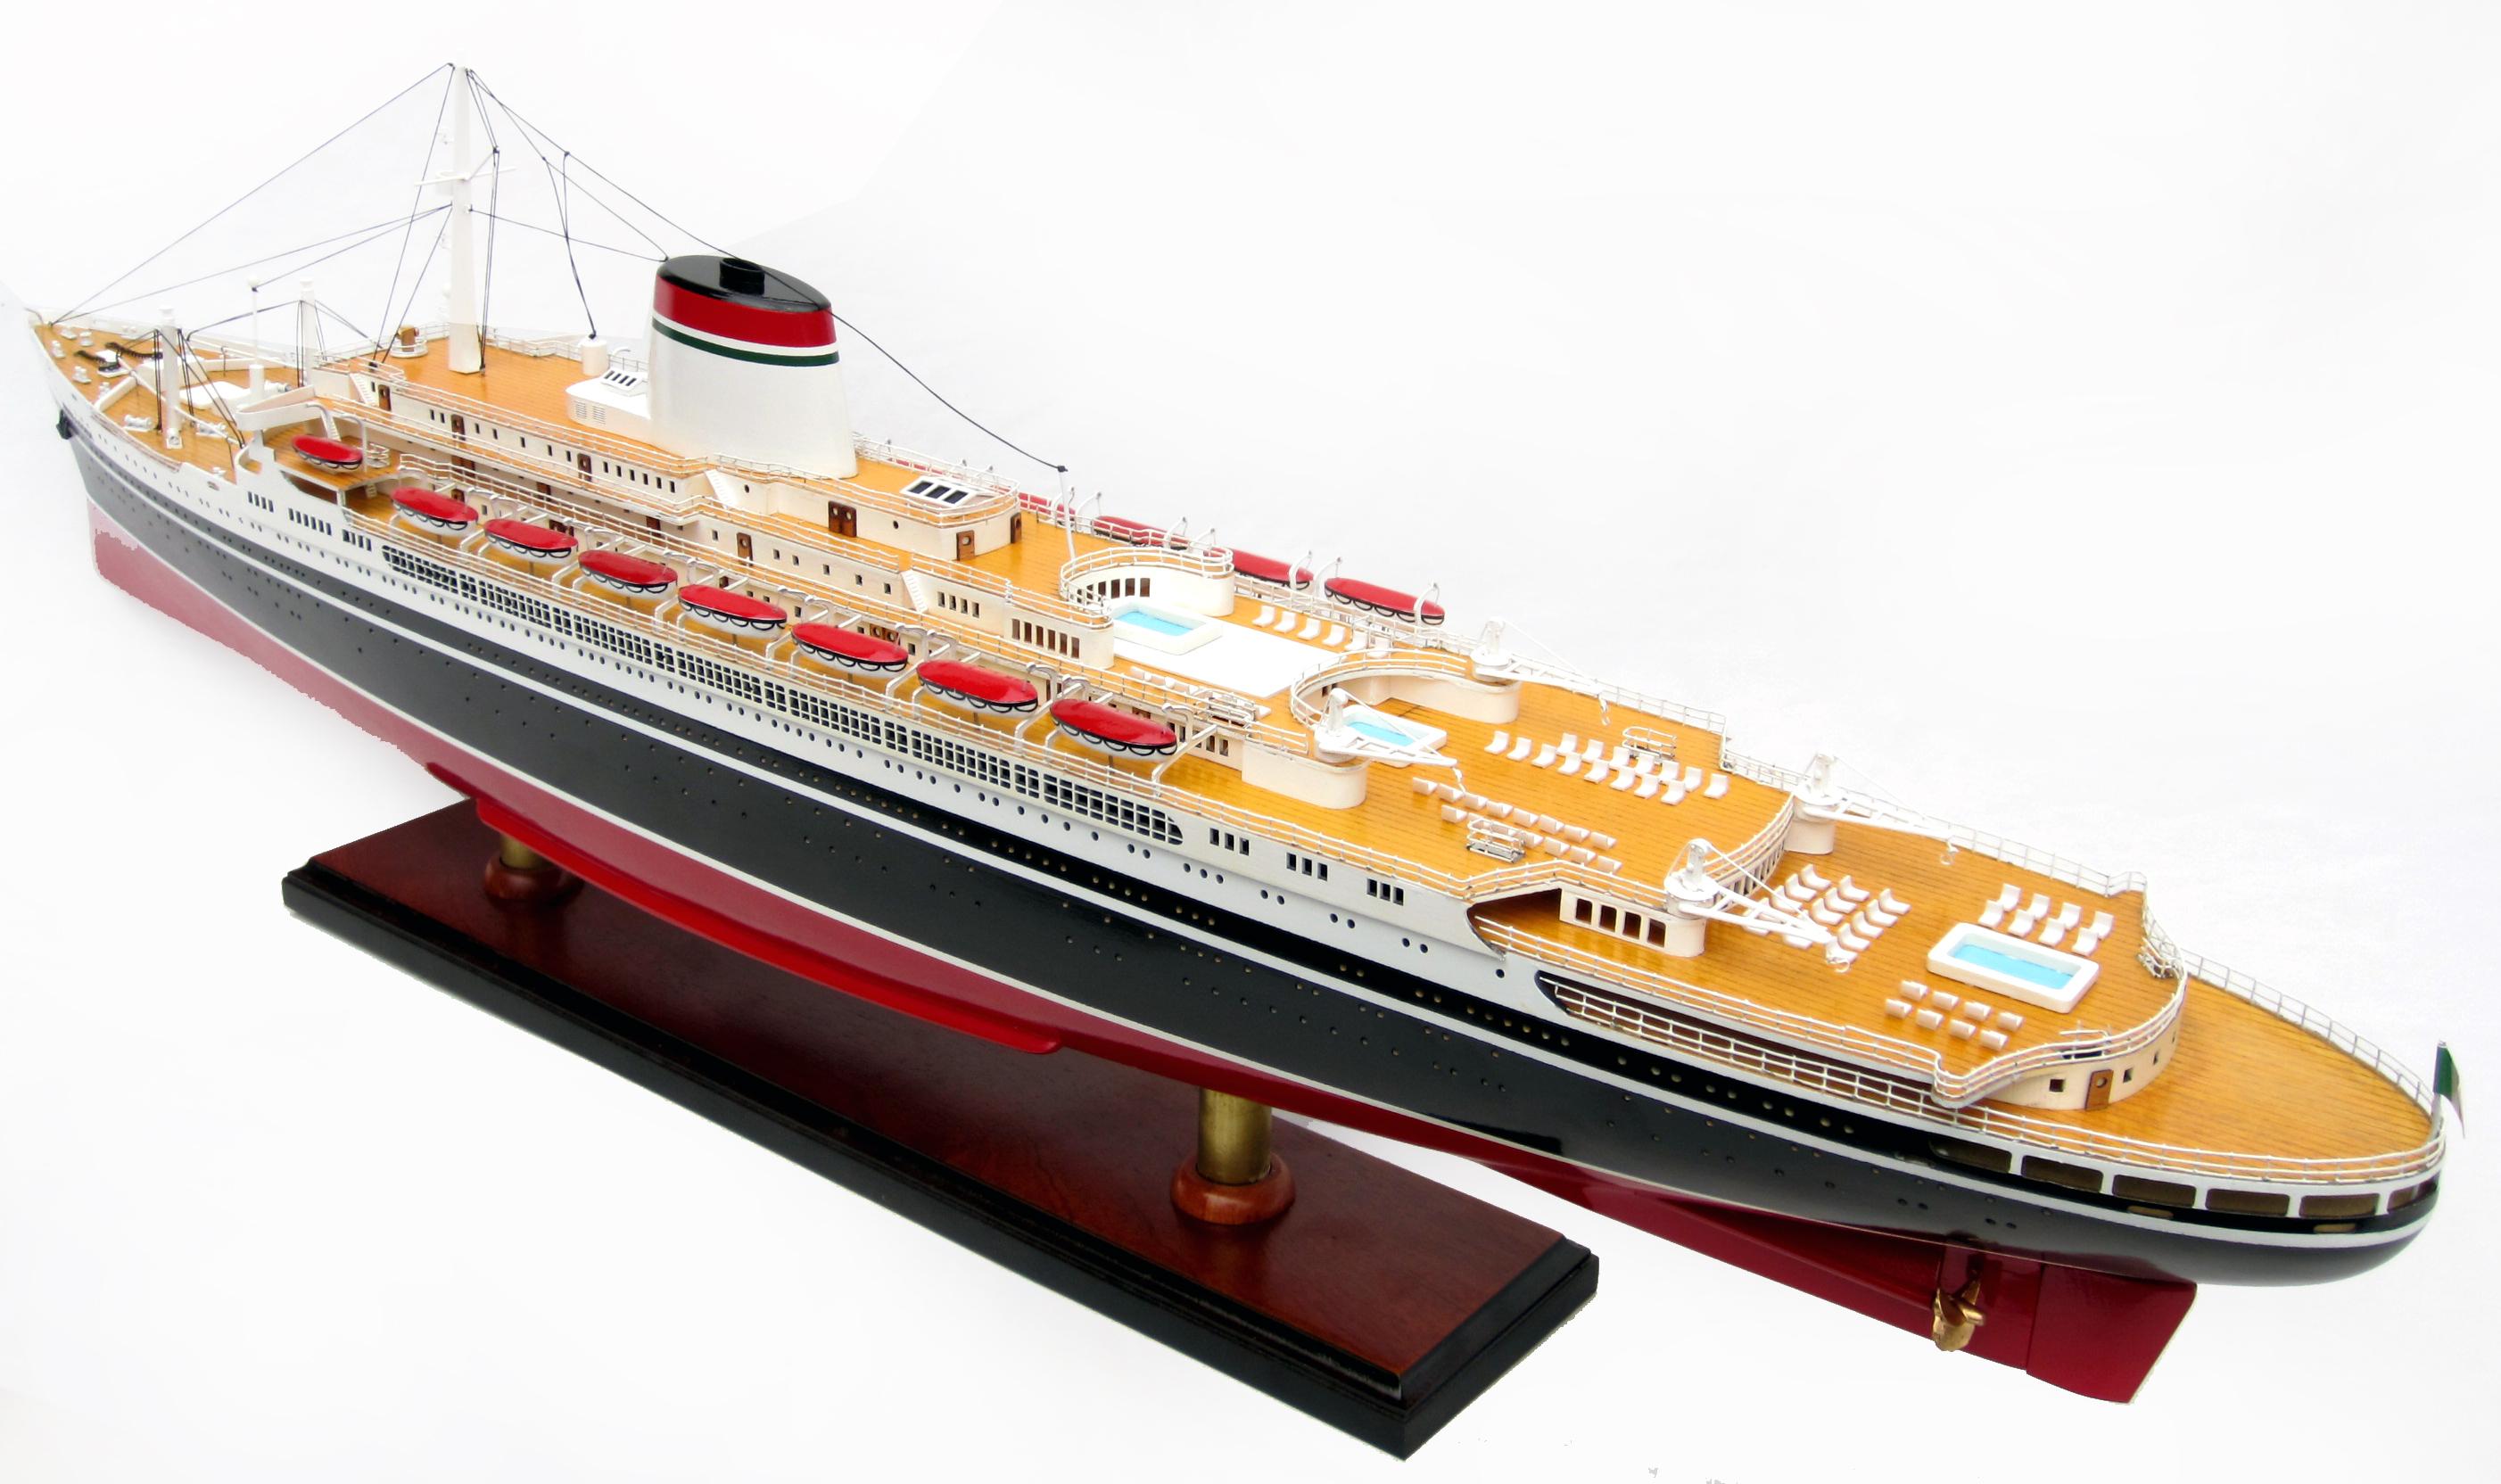 Mô hình thuyền du lịch SS ANDREA DORIA - 85cm